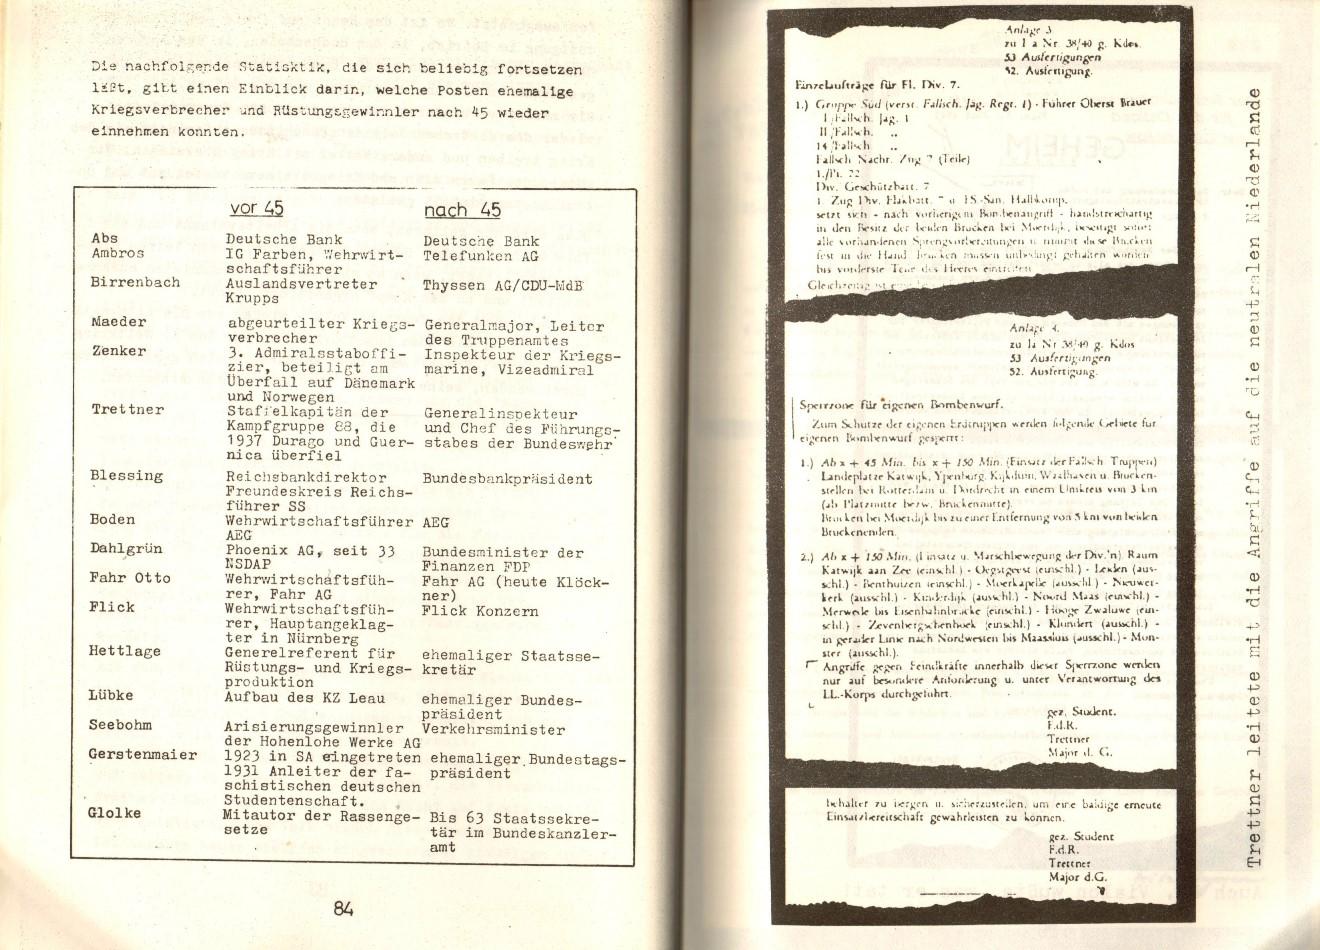 KHB_RSF_1974_25_Jahre_Grundgesetz_45